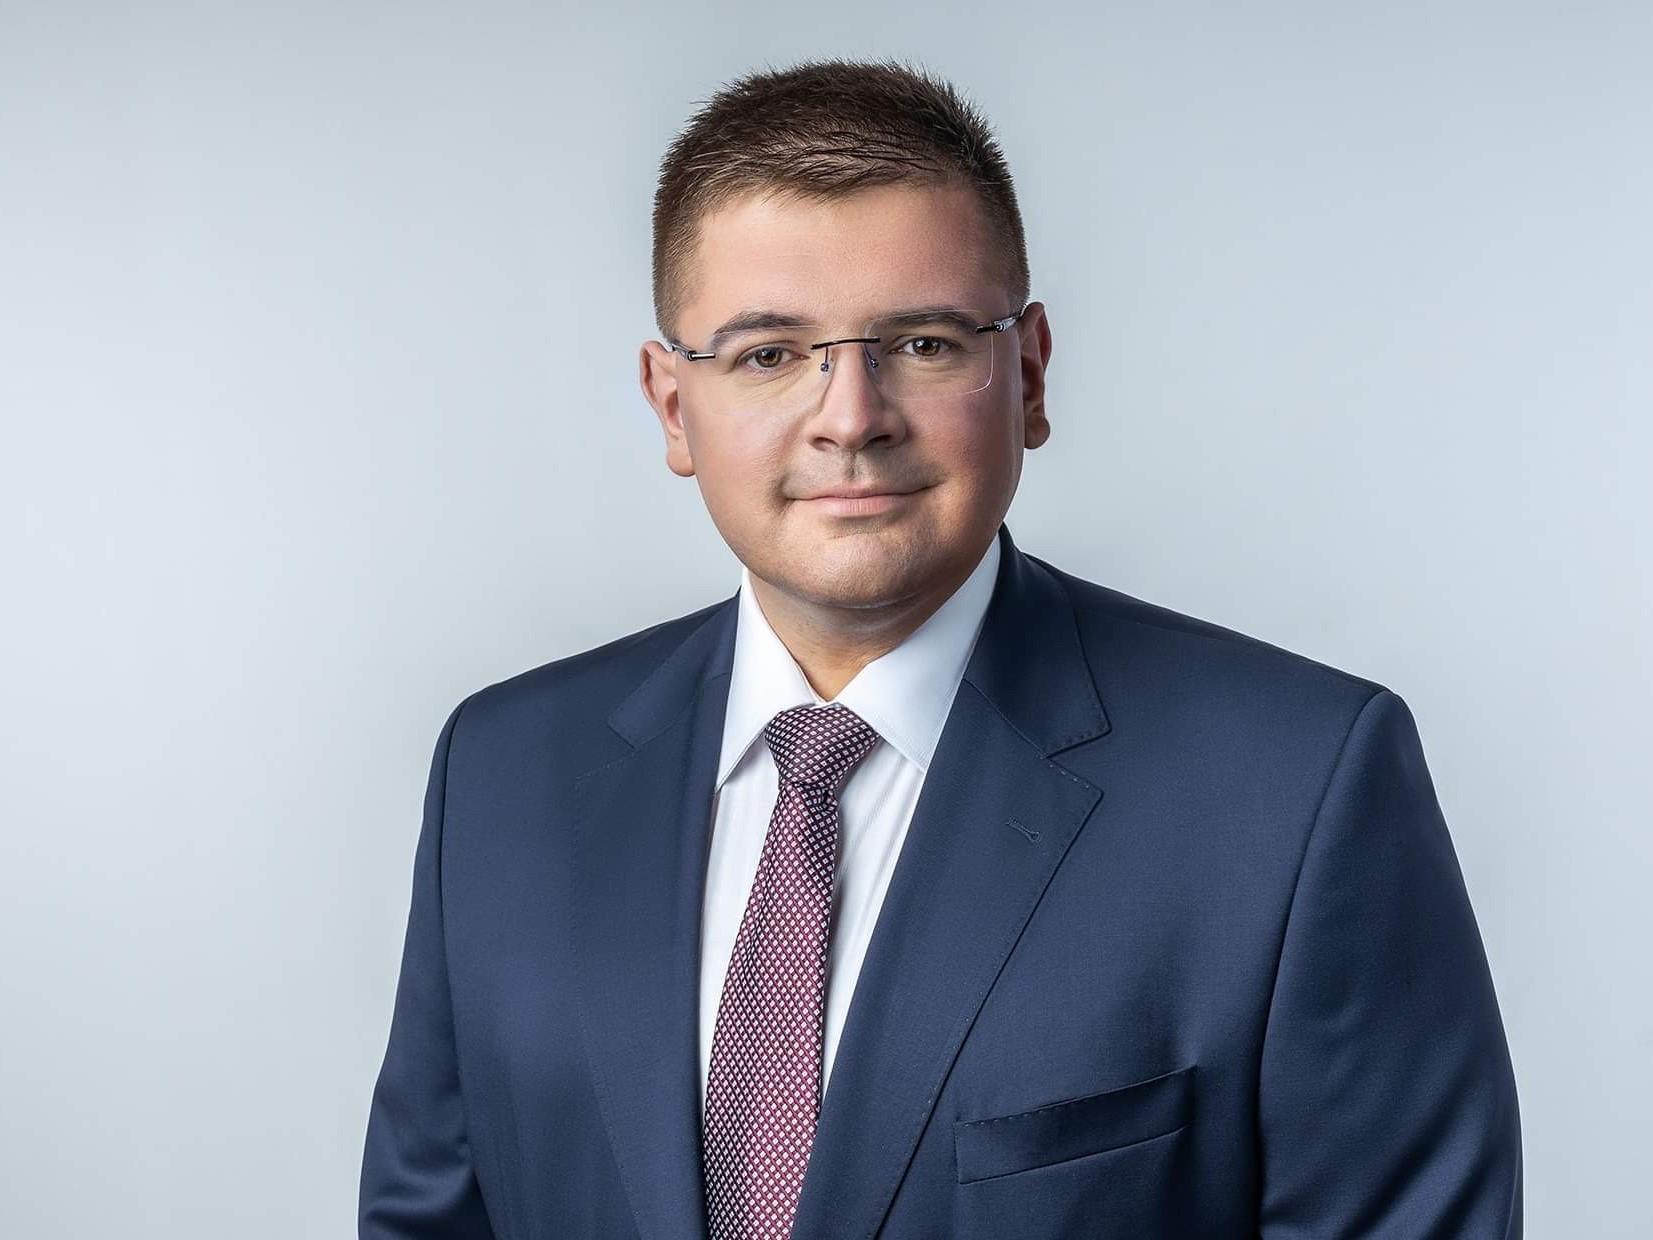 tomasz rzymkowski  - Tomasz Rzymkowski - Poseł na Sejm RP